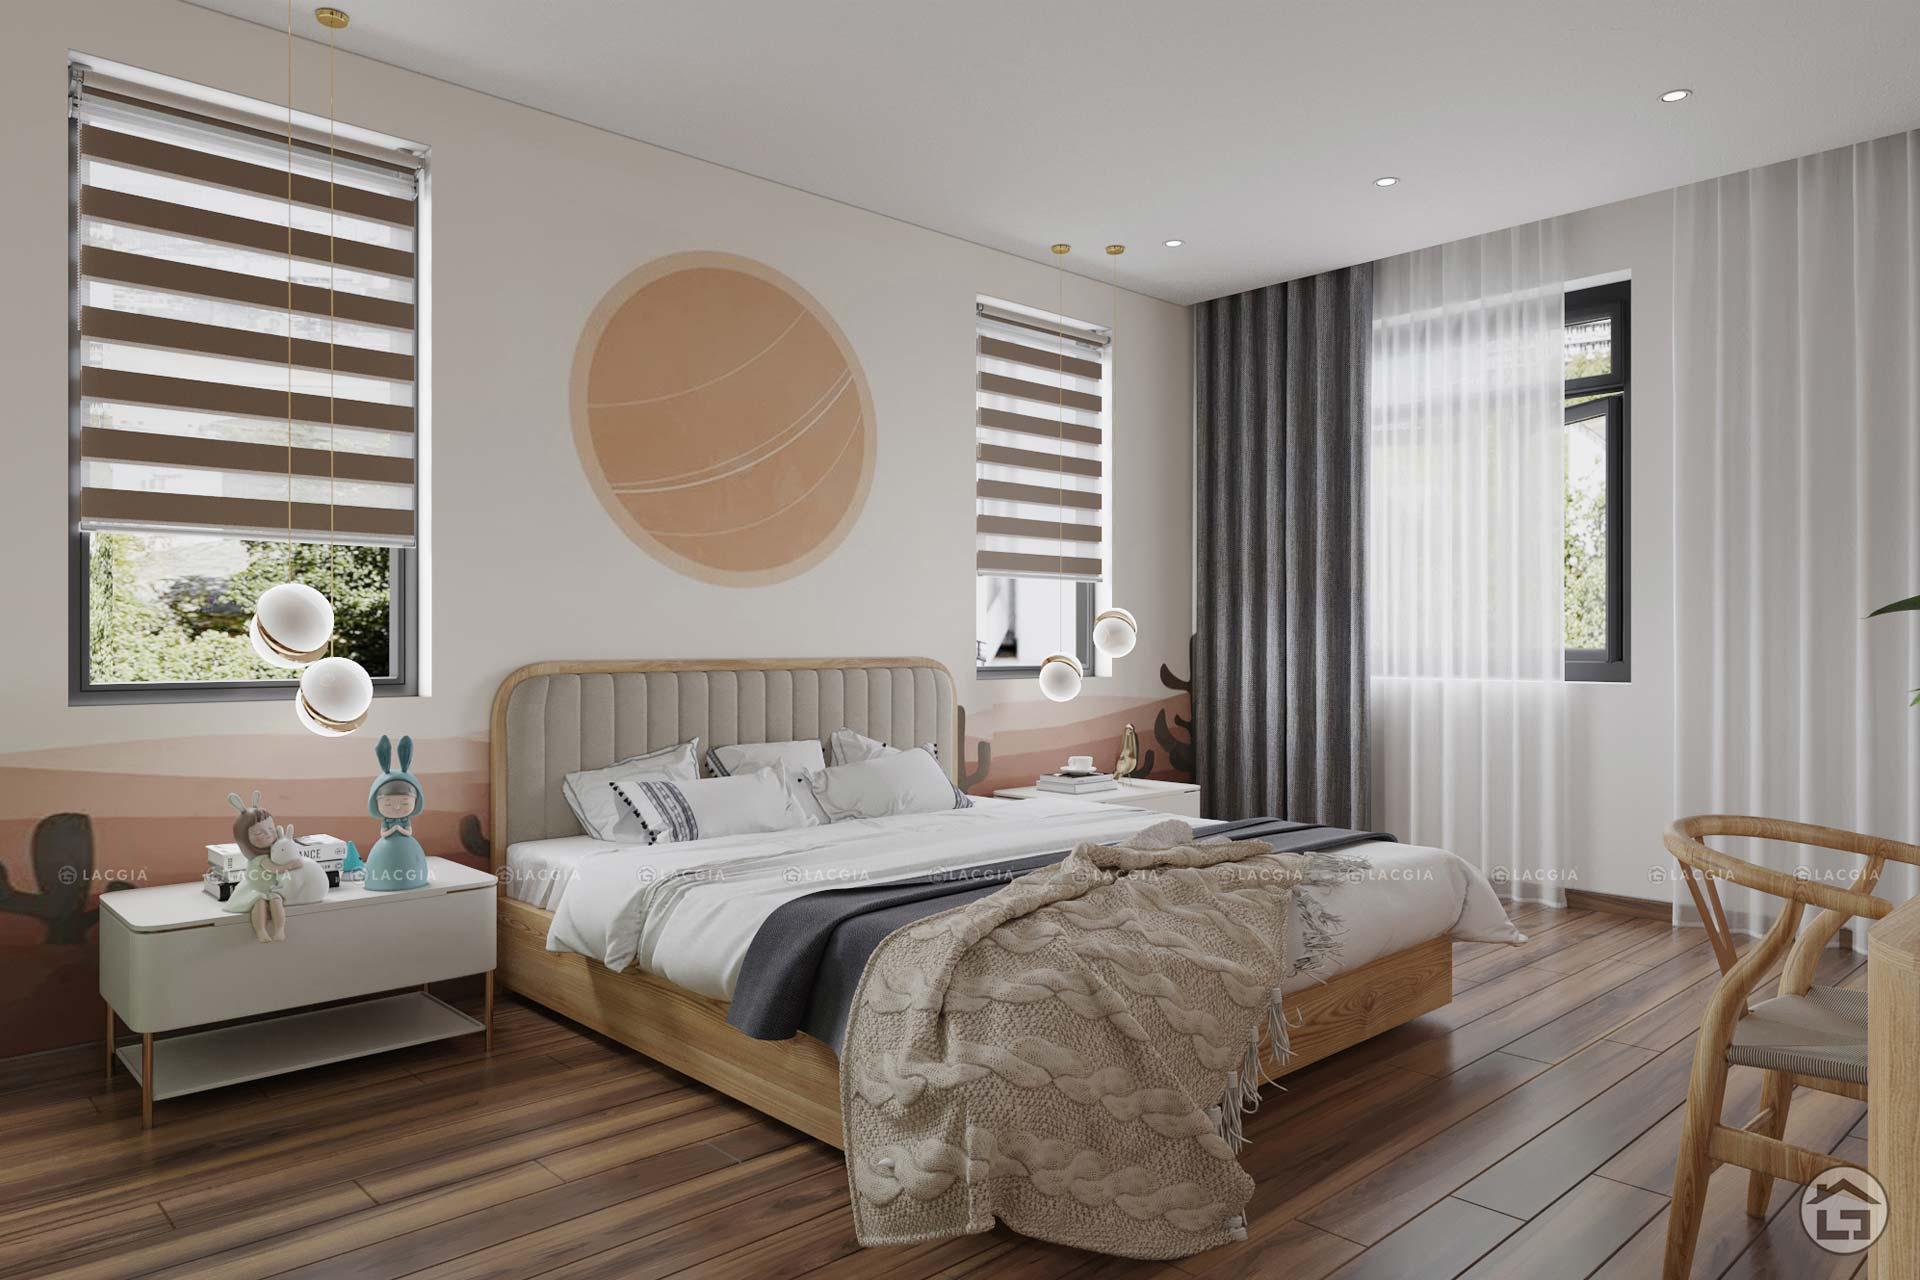 Thiết kế phòng ngủ vừa phải giúp tiết kiệm chi phí